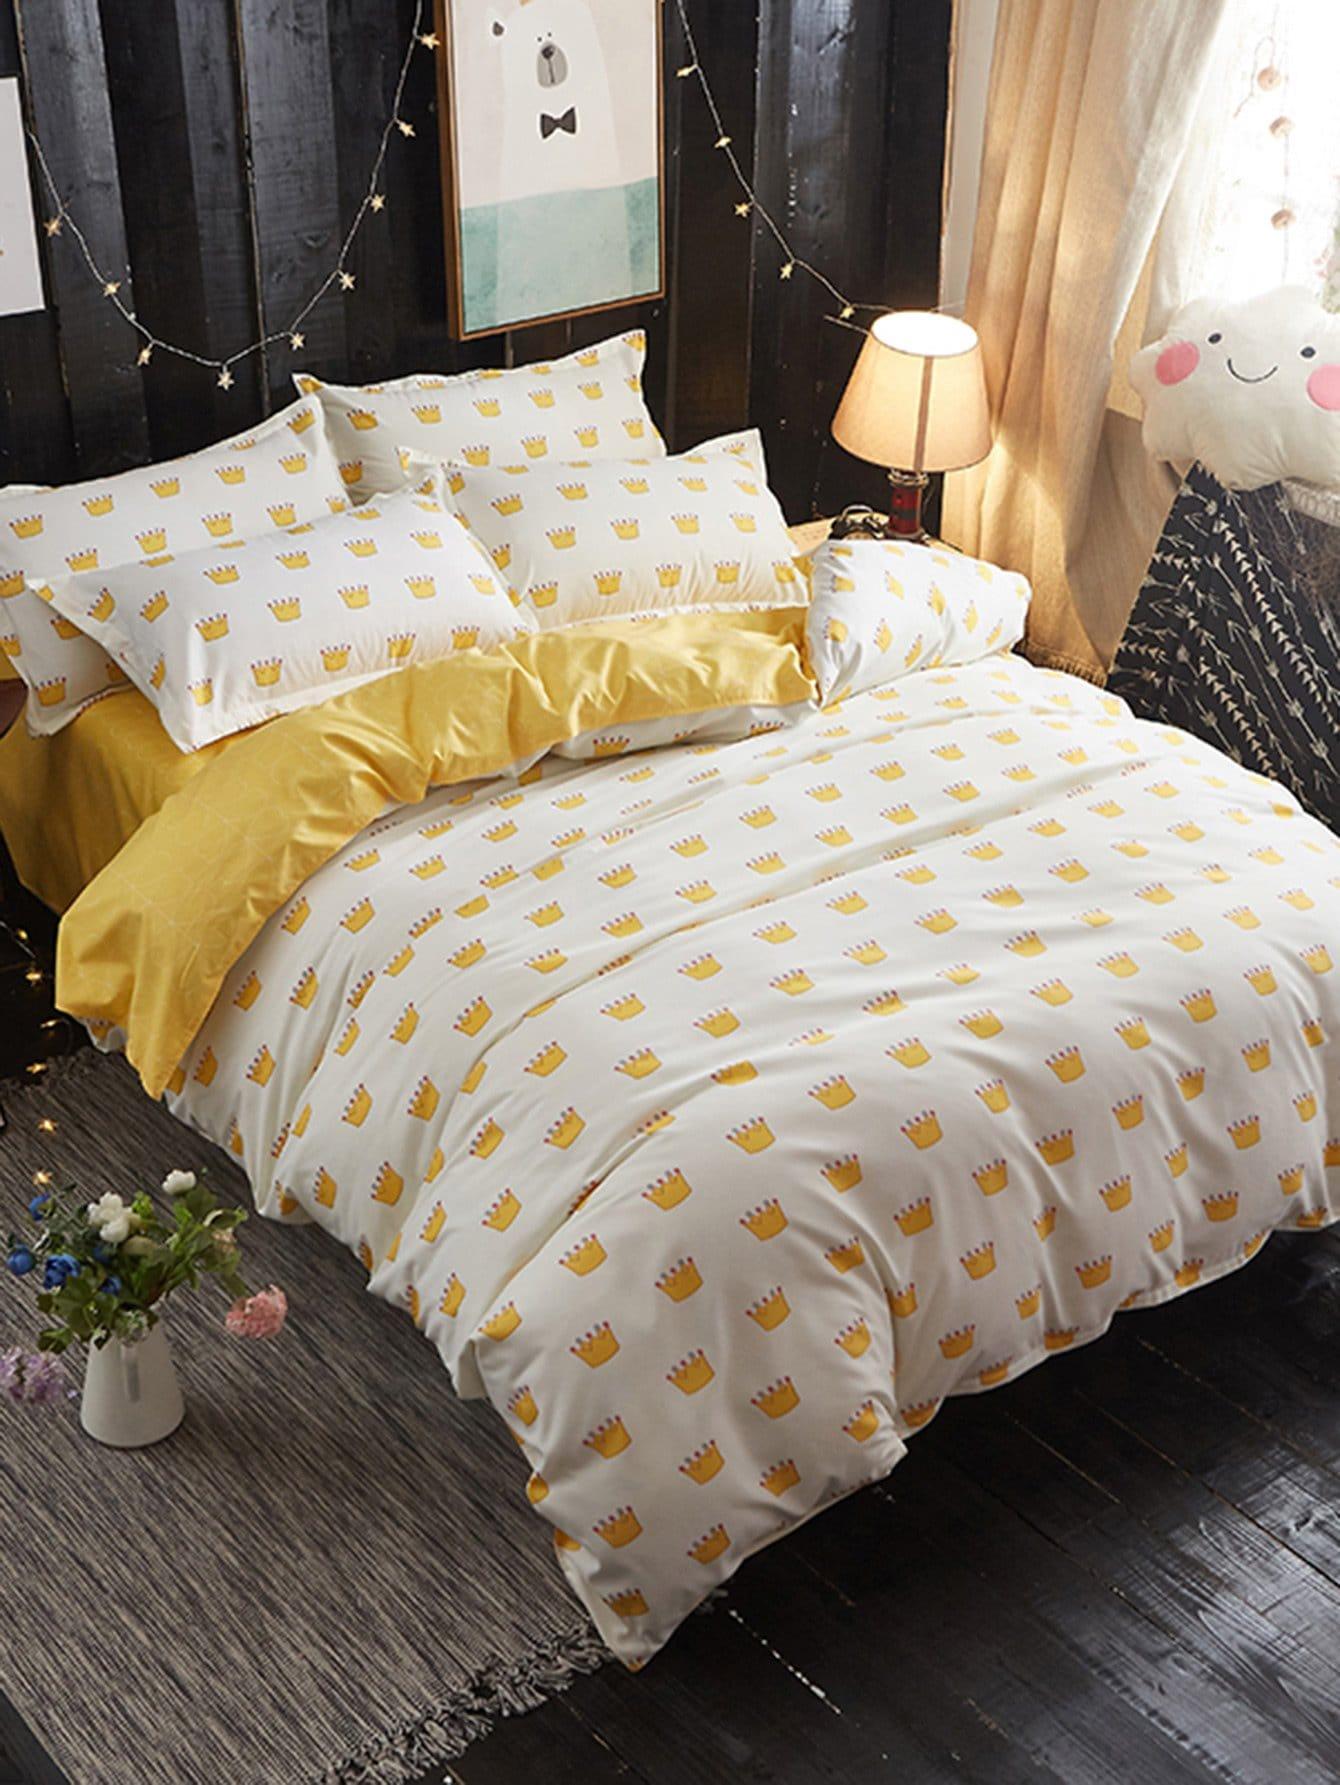 Crown Print Bedding Set